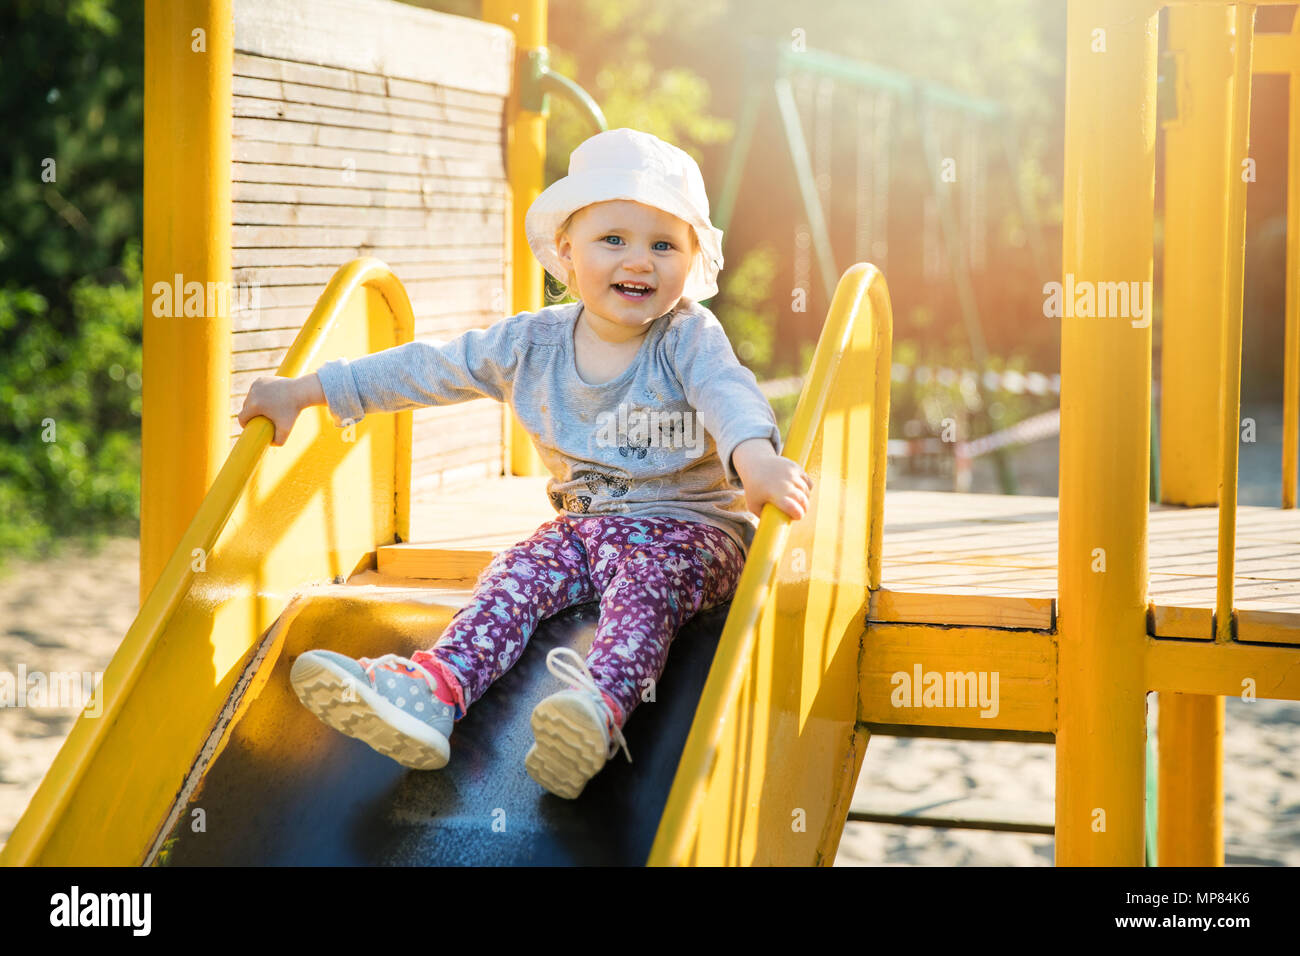 Sorridenti bambino sul cursore, al parco giochi all'aperto Immagini Stock